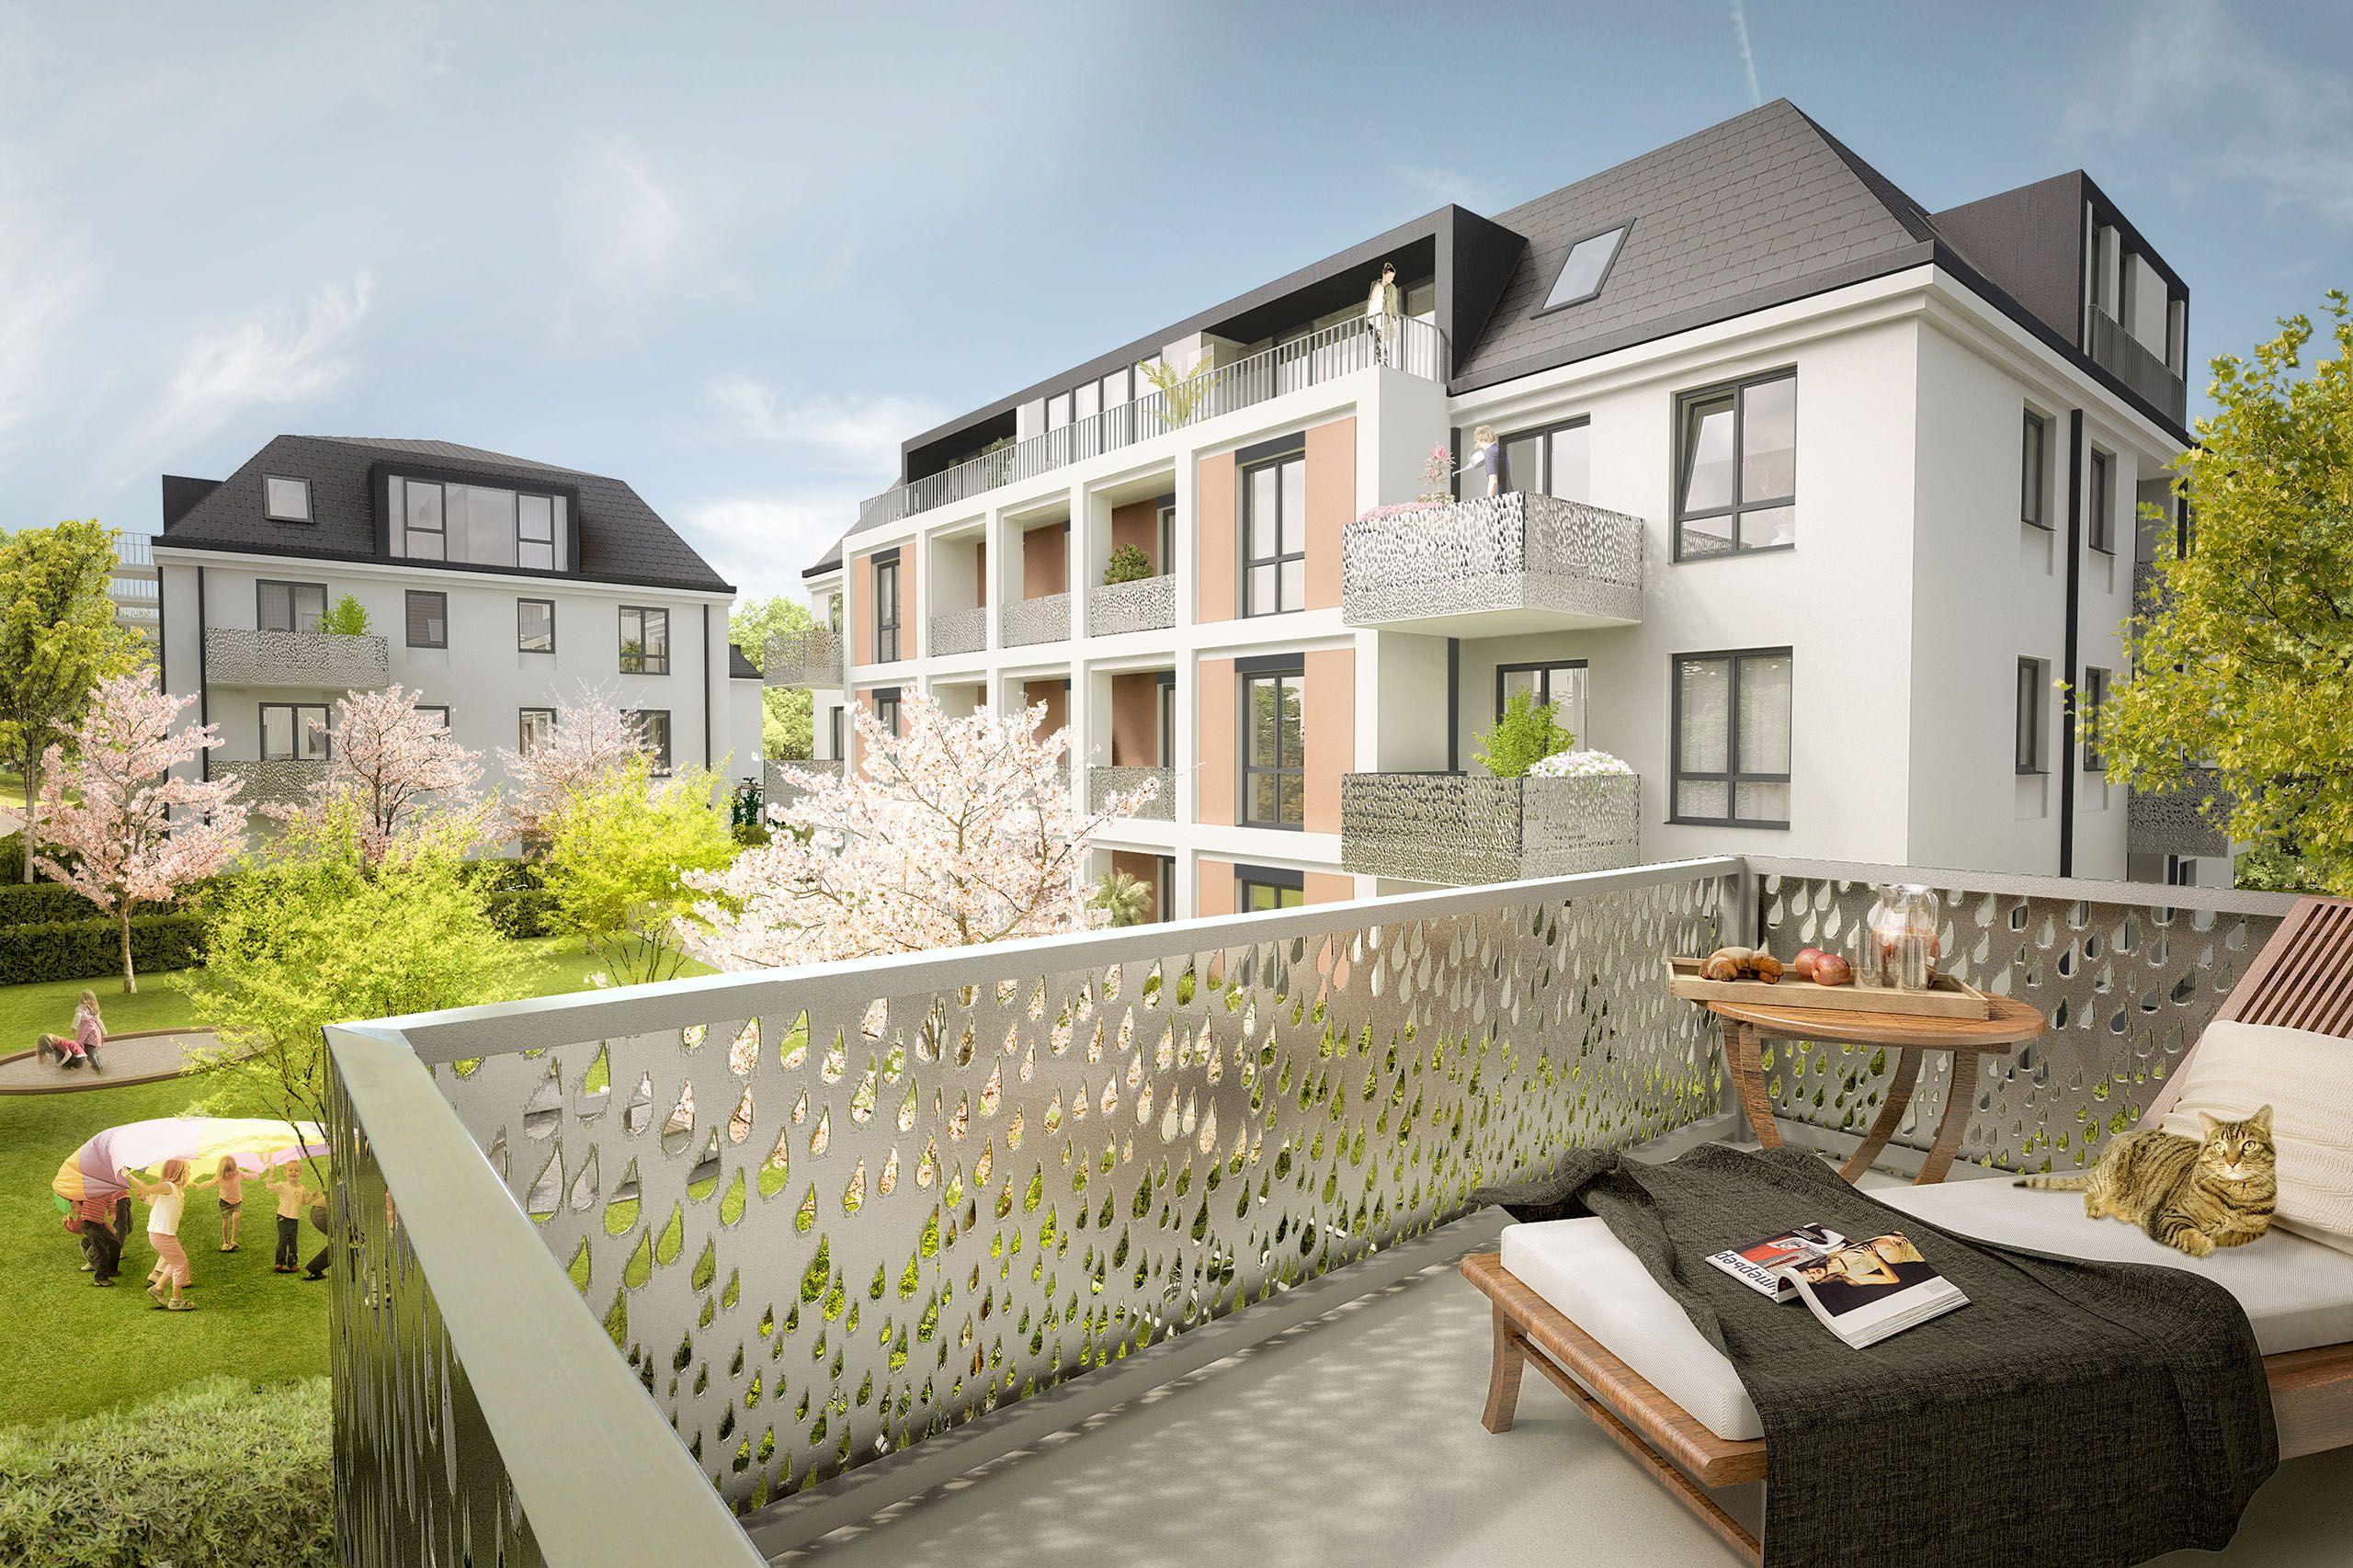 Architekturvisualisierung Berlin berlin spree balcony rooftop render manufaktur architektur